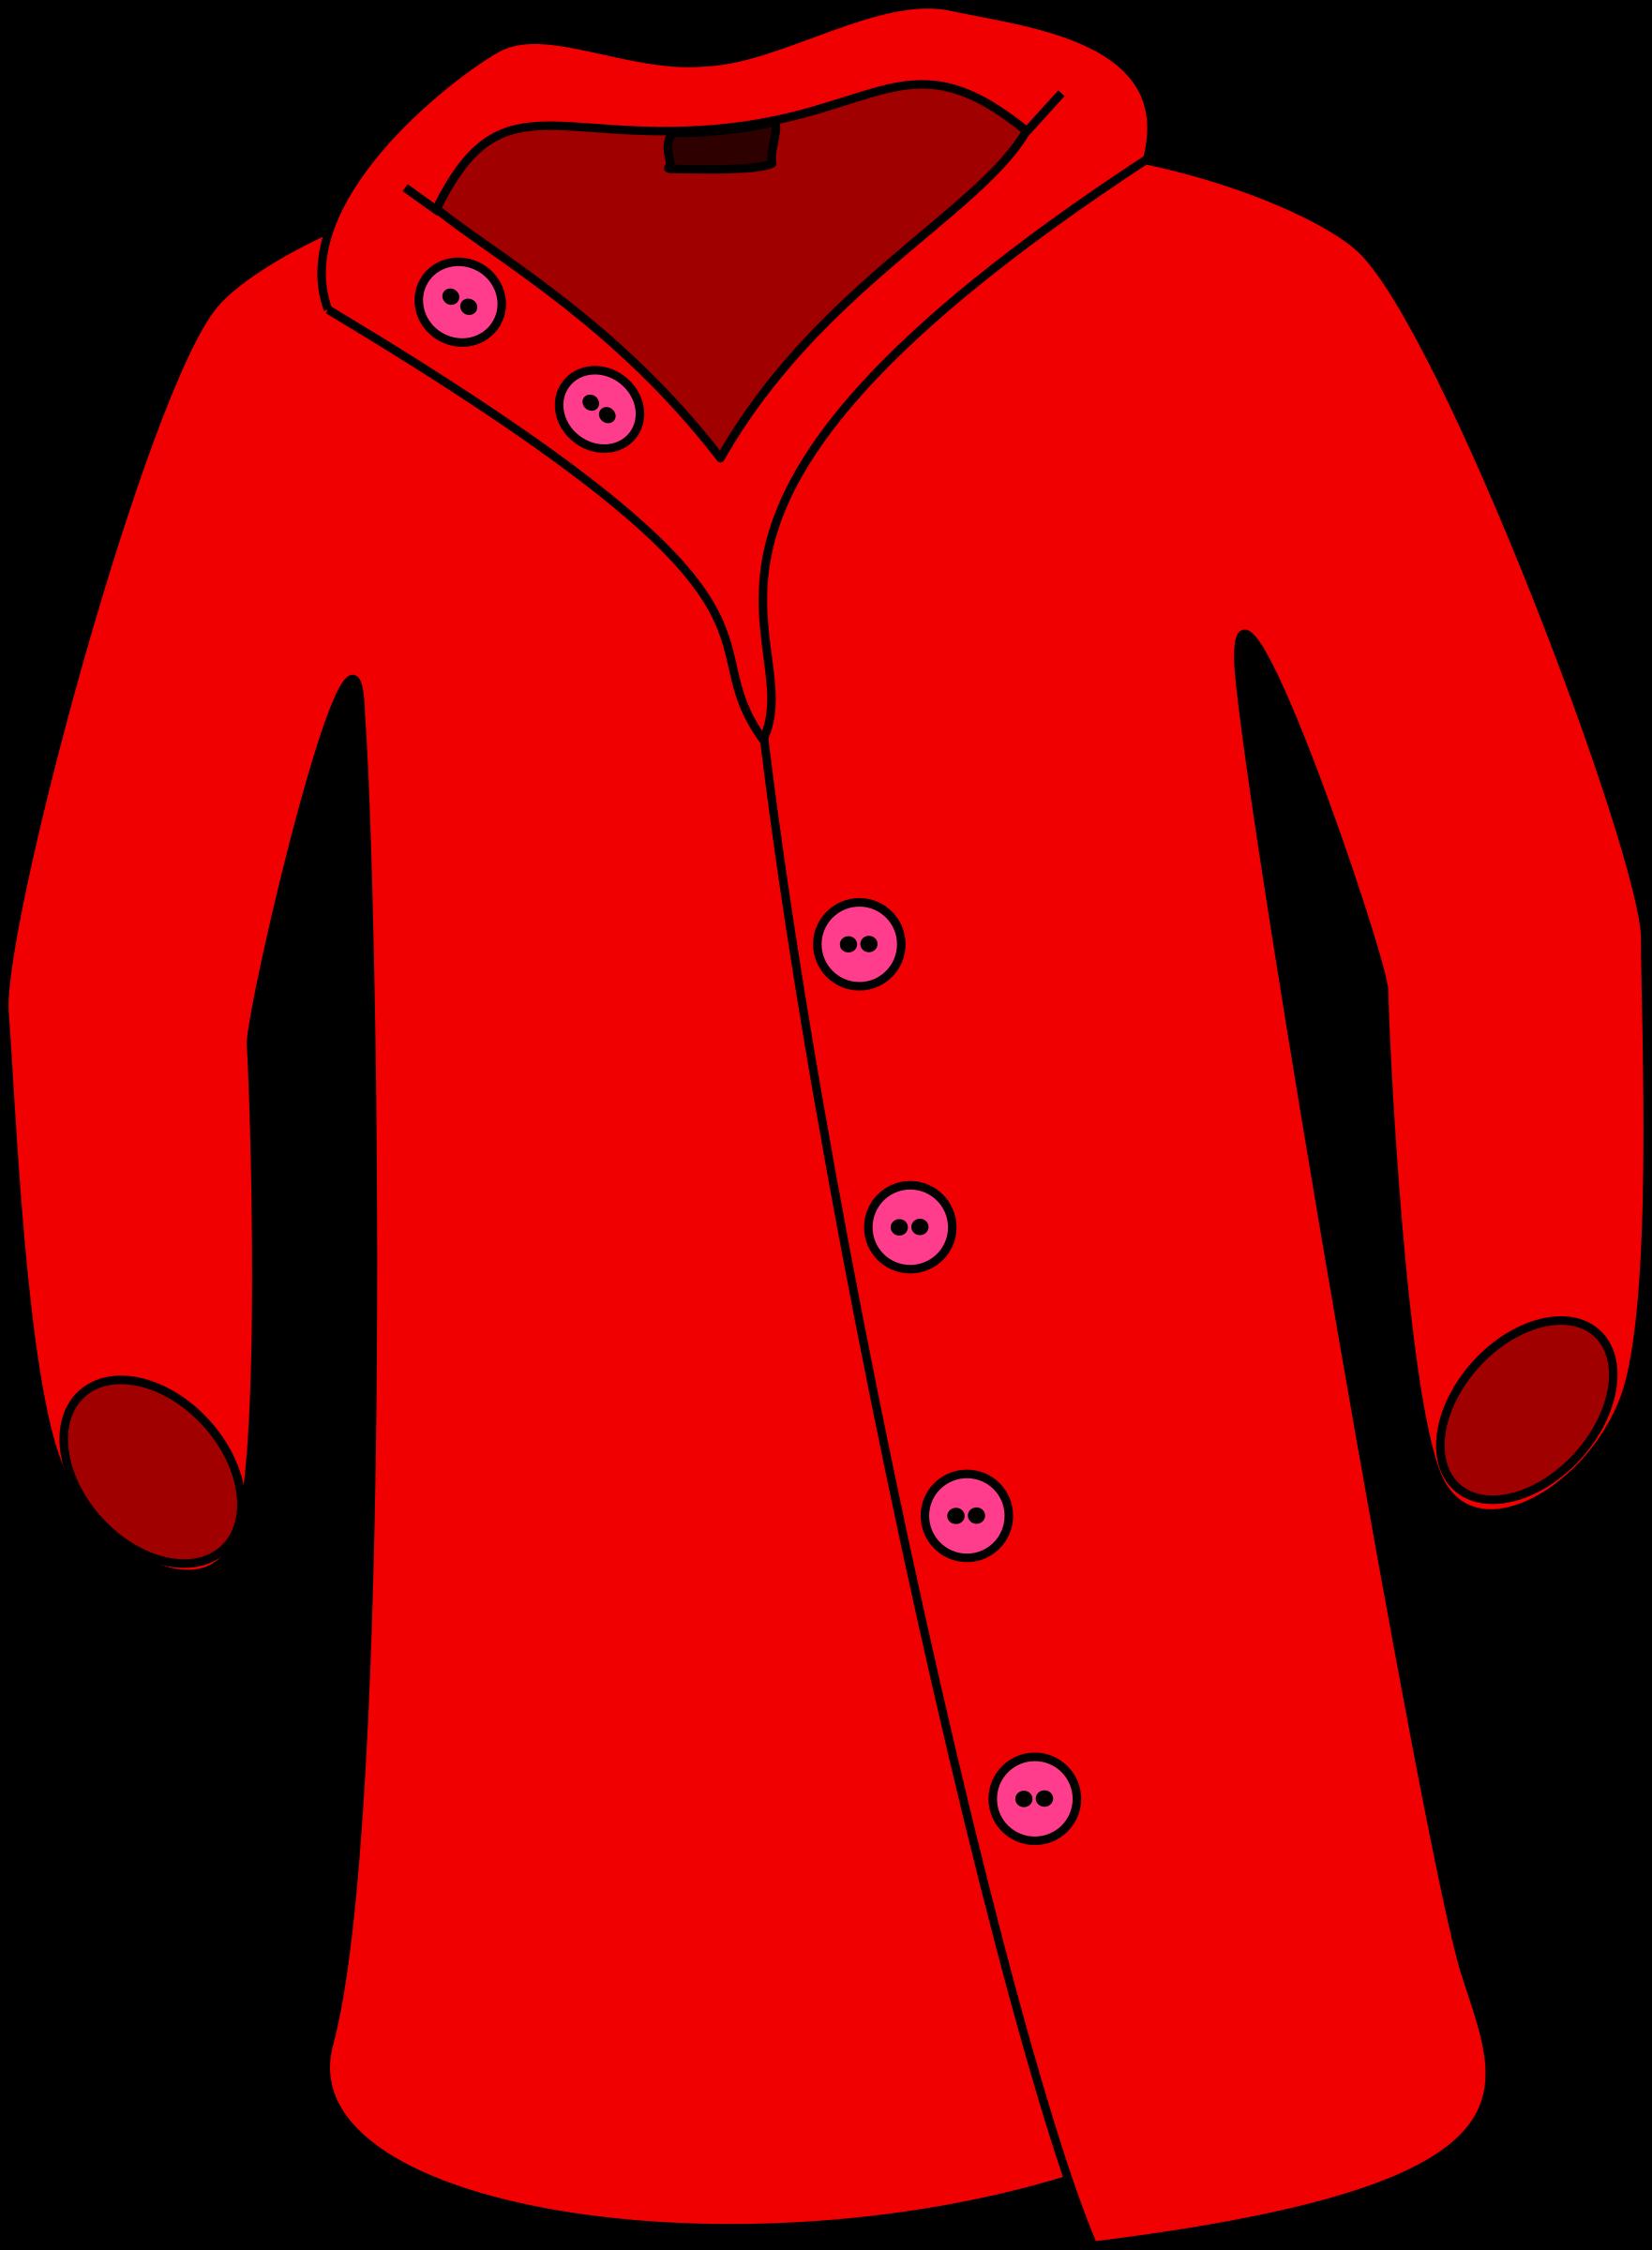 Big coat clipart.